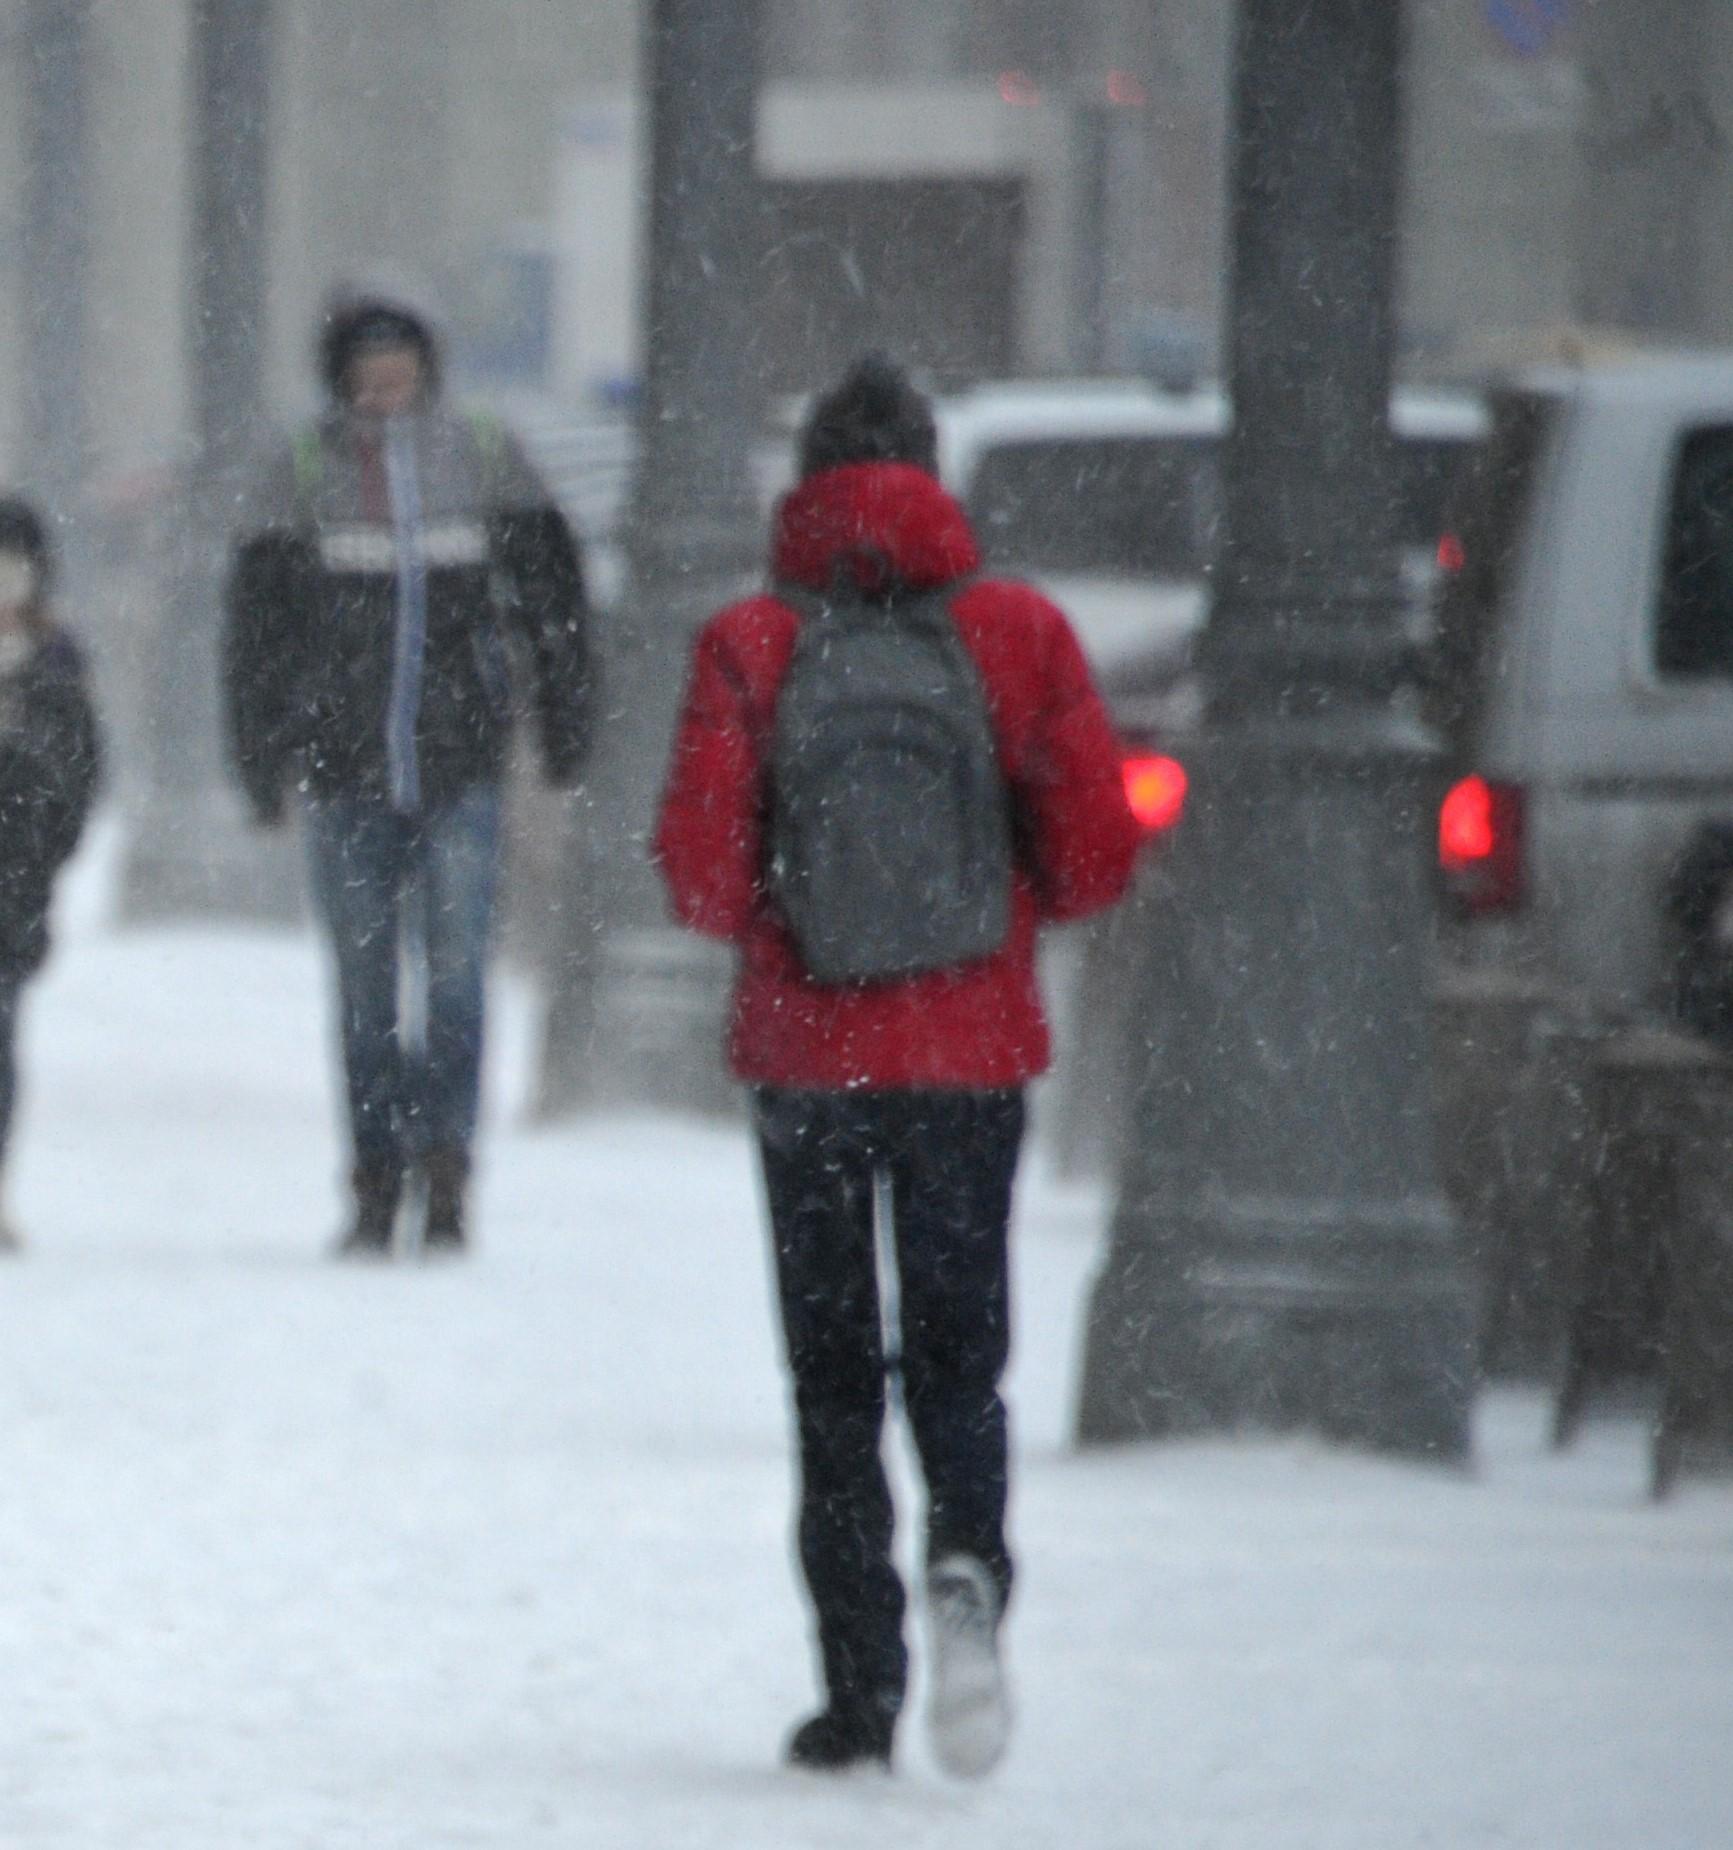 ВРостове предполагается ухудшение погоды— МЧС